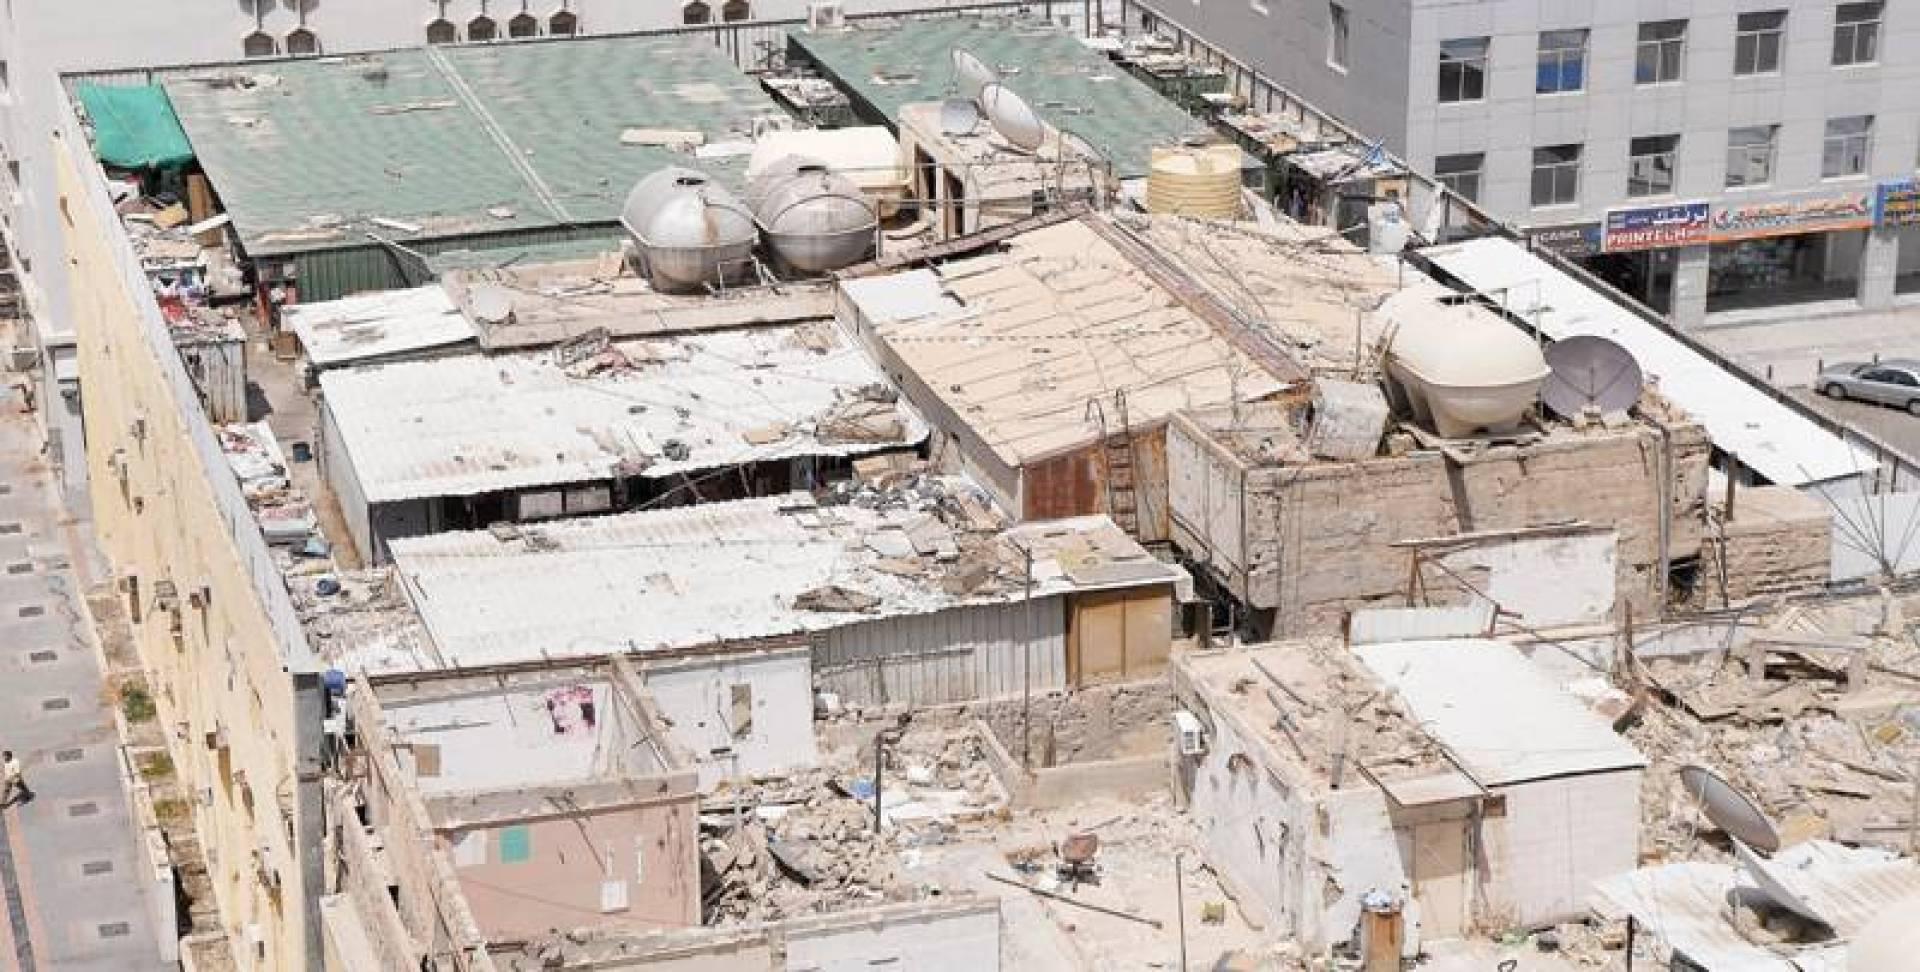 غرف كيربي منتشرة على مبني تجاري | تصوير مصطفى نجم